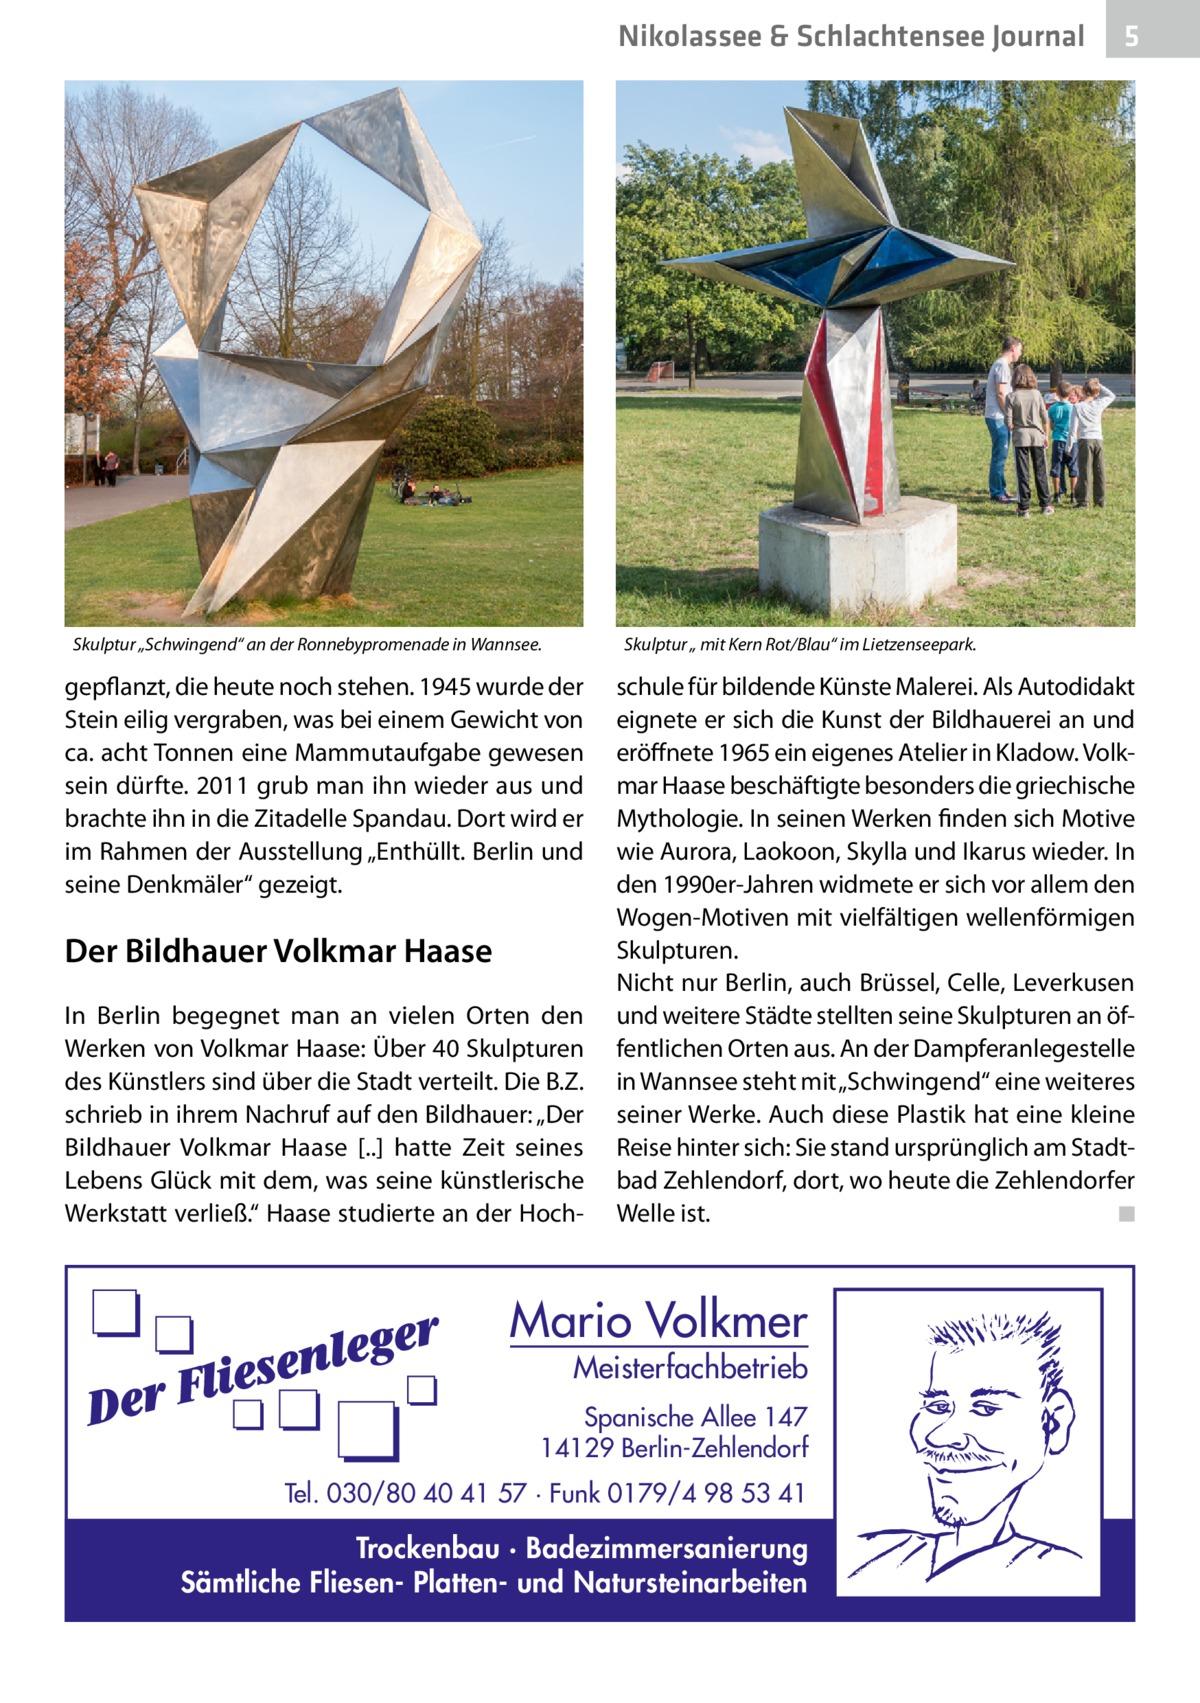 """Nikolassee & Schlachtensee Journal  Skulptur """"Schwingend"""" an der Ronnebypromenade in Wannsee.  5  Skulptur """" mit Kern Rot/Blau"""" im Lietzenseepark.  gepflanzt, die heute noch stehen. 1945 wurde der Stein eilig vergraben, was bei einem Gewicht von ca. acht Tonnen eine Mammutaufgabe gewesen sein dürfte. 2011 grub man ihn wieder aus und brachte ihn in die Zitadelle Spandau. Dort wird er im Rahmen der Ausstellung """"Enthüllt. Berlin und seine Denkmäler"""" gezeigt.  Der Bildhauer Volkmar Haase In Berlin begegnet man an vielen Orten den Werken von Volkmar Haase: Über 40Skulpturen des Künstlers sind über die Stadt verteilt. Die B.Z. schrieb in ihrem Nachruf auf den Bildhauer: """"Der Bildhauer Volkmar Haase [..] hatte Zeit seines Lebens Glück mit dem, was seine künstlerische Werkstatt verließ."""" Haase studierte an der Hoch schule für bildende Künste Malerei. Als Autodidakt eignete er sich die Kunst der Bildhauerei an und eröffnete 1965 ein eigenes Atelier in Kladow. Volkmar Haase beschäftigte besonders die griechische Mythologie. In seinen Werken finden sich Motive wie Aurora, Laokoon, Skylla und Ikarus wieder. In den 1990er-Jahren widmete er sich vor allem den Wogen-Motiven mit vielfältigen wellenförmigen Skulpturen. Nicht nur Berlin, auch Brüssel, Celle, Leverkusen und weitere Städte stellten seine Skulpturen an öffentlichen Orten aus. An der Dampferanlegestelle in Wannsee steht mit """"Schwingend"""" eine weiteres seiner Werke. Auch diese Plastik hat eine kleine Reise hinter sich: Sie stand ursprünglich am Stadtbad Zehlendorf, dort, wo heute die Zehlendorfer Welle ist. � ◾  Mario Volkmer  Meisterfachbetrieb  Spanische Allee 147 14129 Berlin-Zehlendorf Tel. 030/80 40 41 57 · Funk 0179/4 98 53 41  Trockenbau · Badezimmersanierung Sämtliche Fliesen- Platten- und Natursteinarbeiten"""